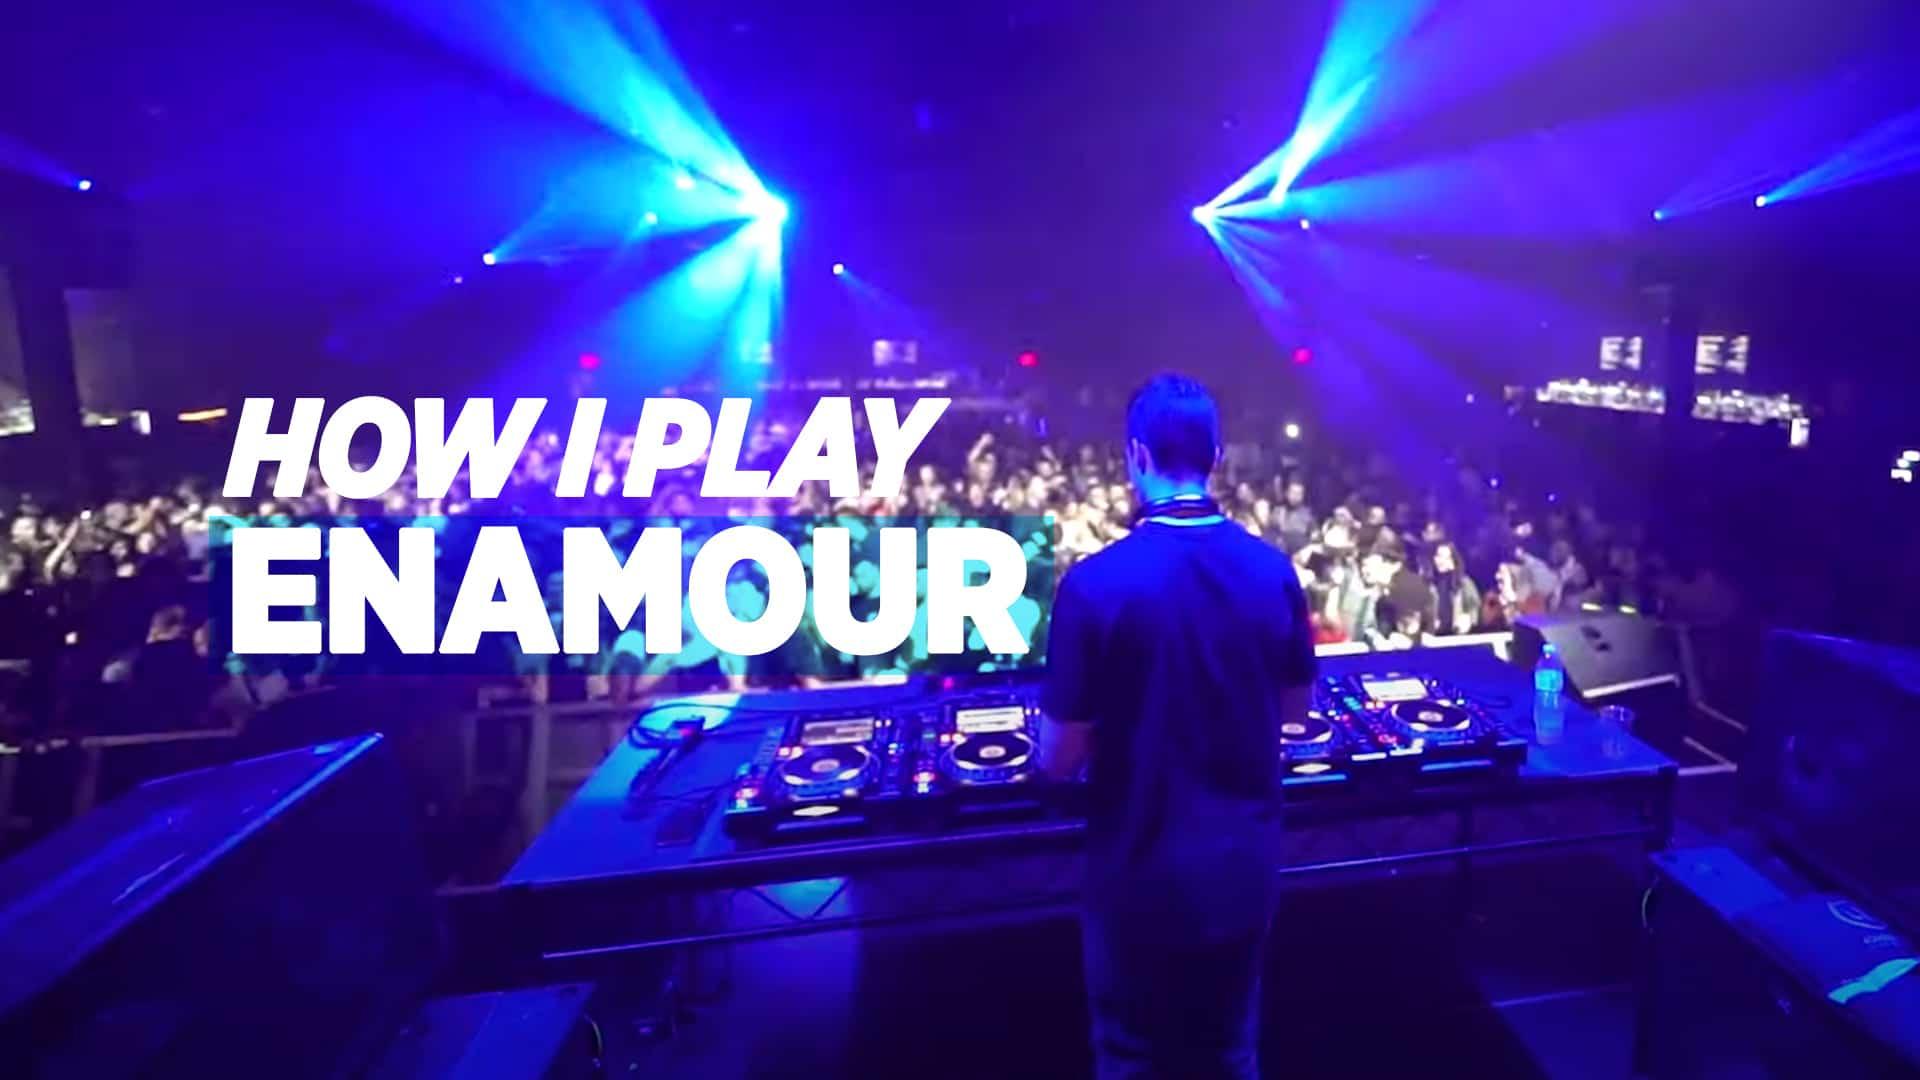 Cómo juego: Enamor - DJ TechTools 1